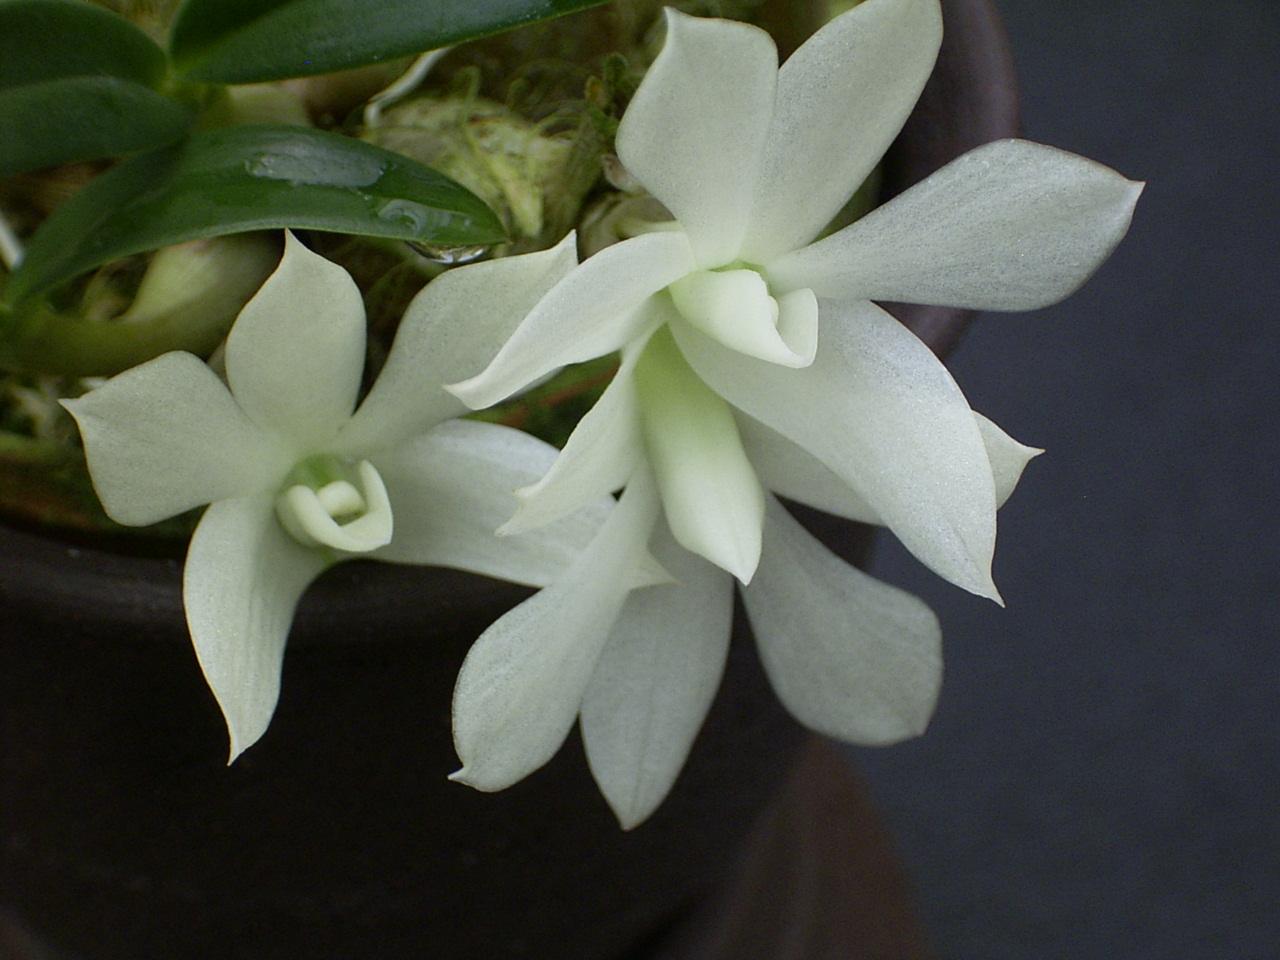 http://orchids.la.coocan.jp/Dendrobium/Dendrobium%20prasinum/R0049340.JPG